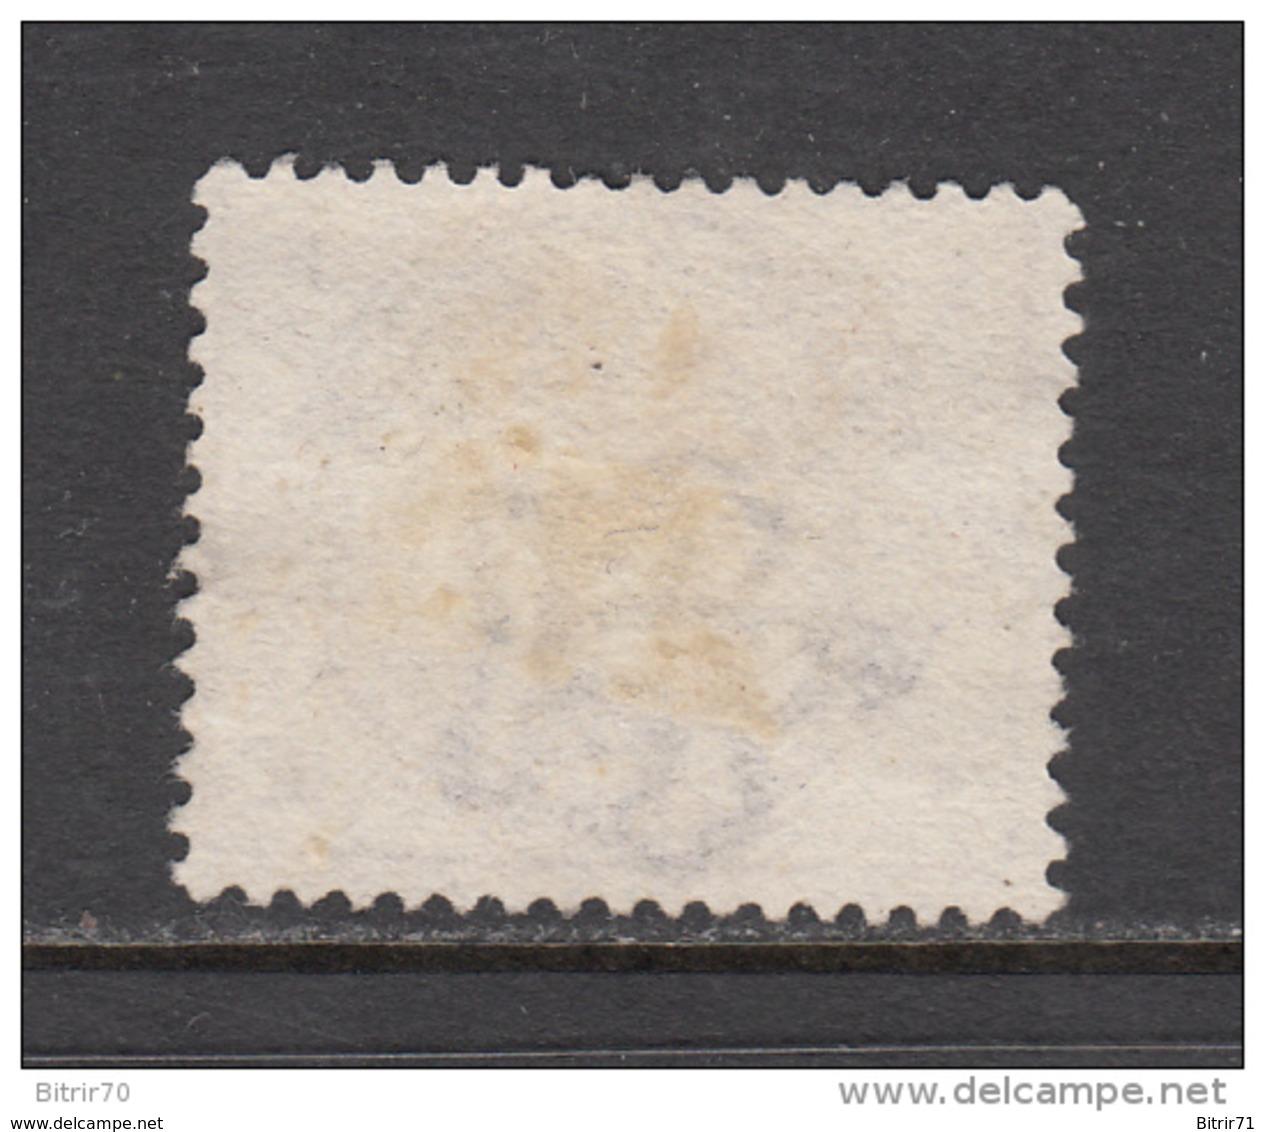 1883 - 1984    SG - Nº  190  ,   YVERT  Nº  79   ( * ) - 1840-1901 (Viktoria)